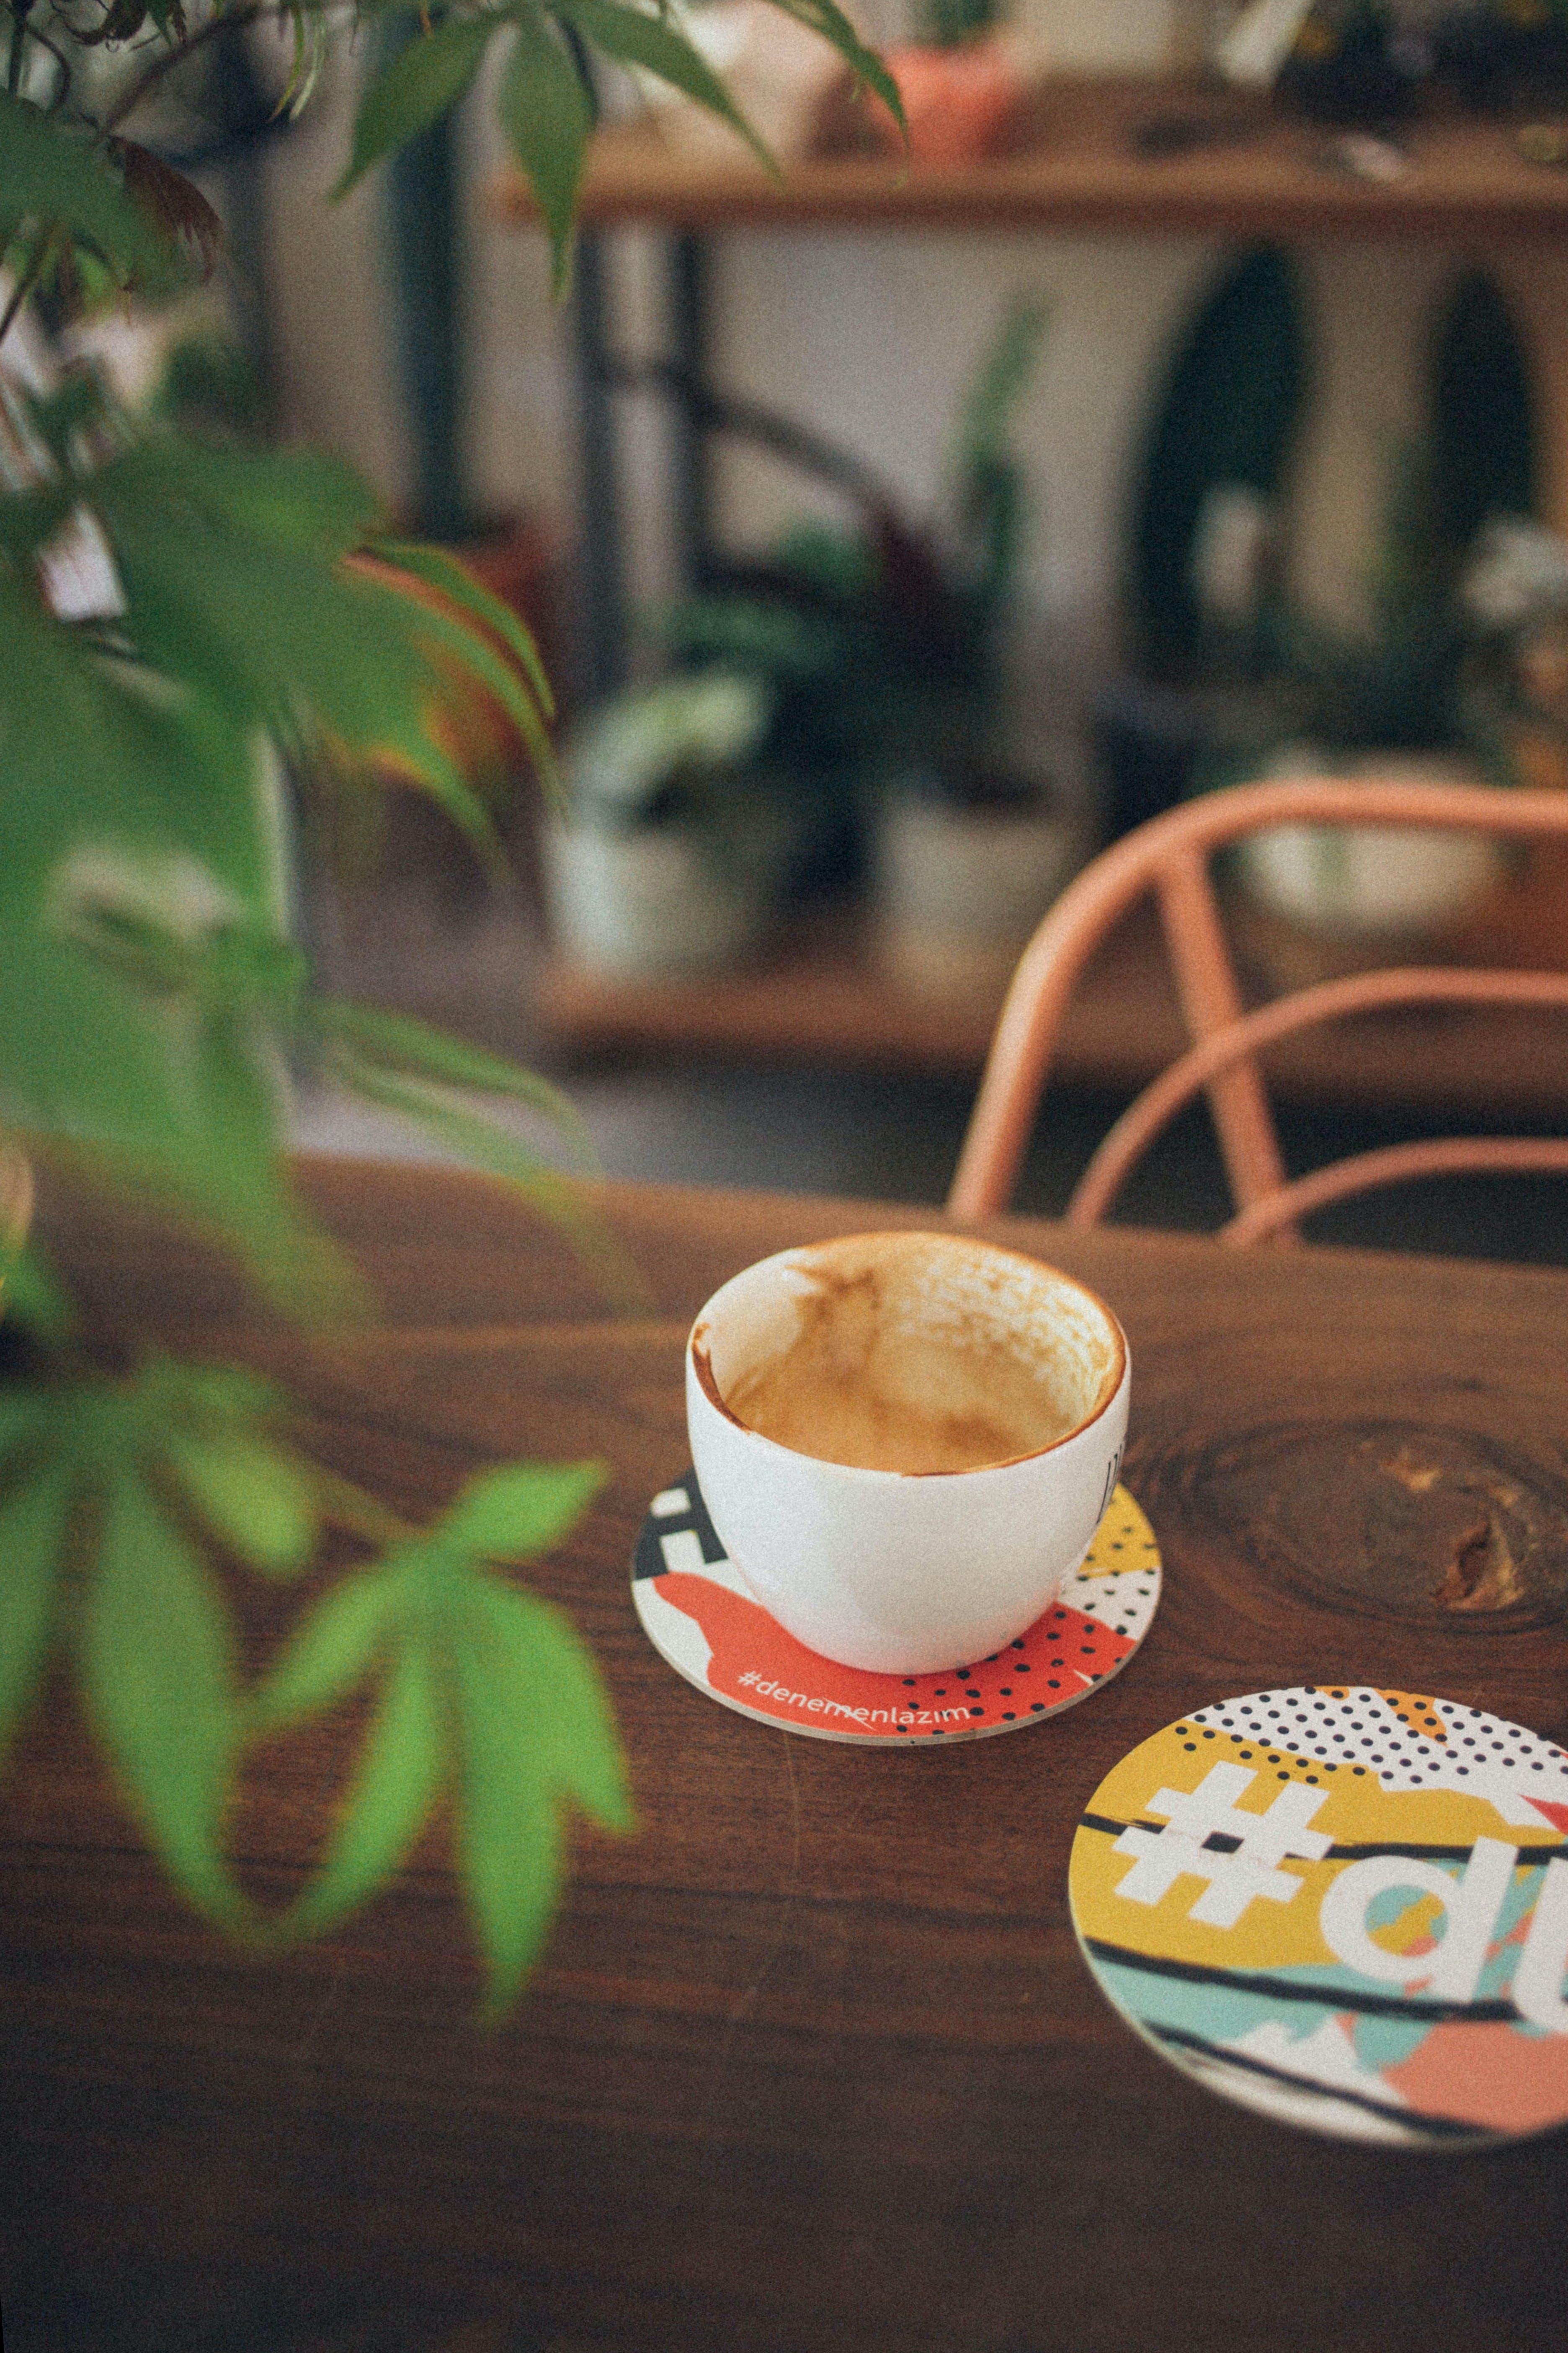 Kostenloses Stock Foto zu getränk, kaffee, koffein, tasse